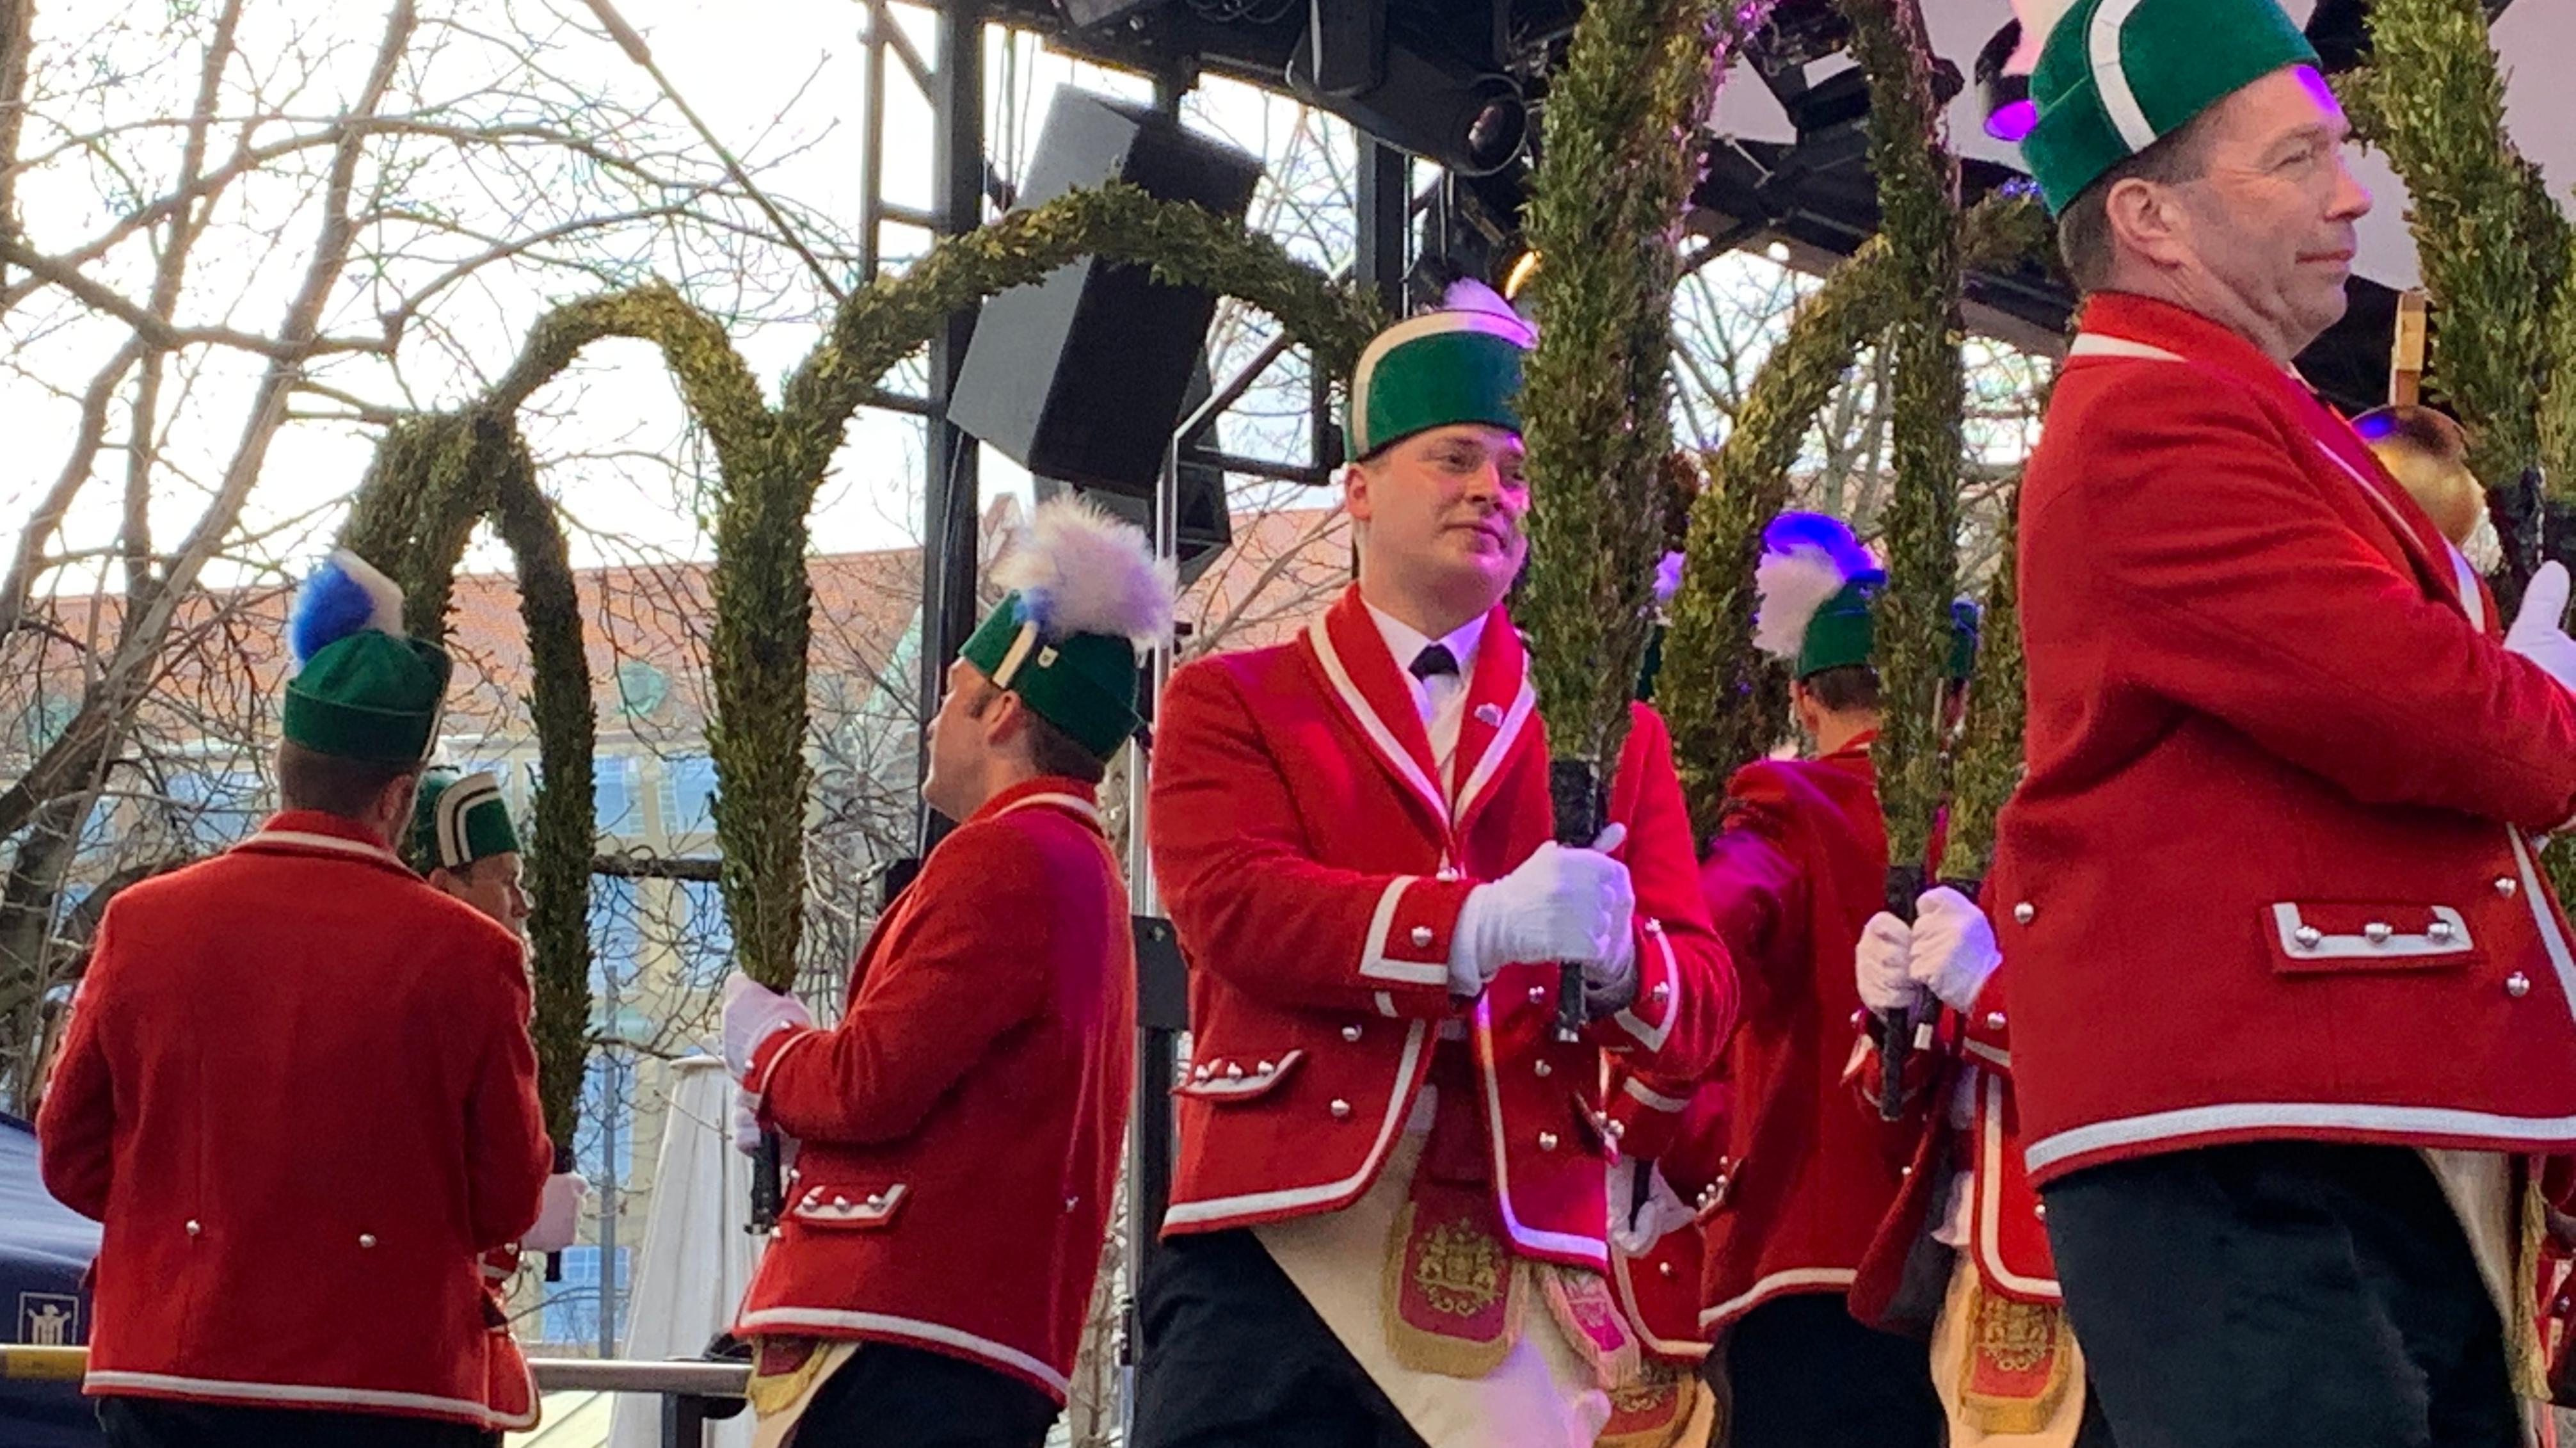 Auch die Schäffler tanzten am Faschingsdienstag 2019 auf dem Münchner Viktualienmarkt.